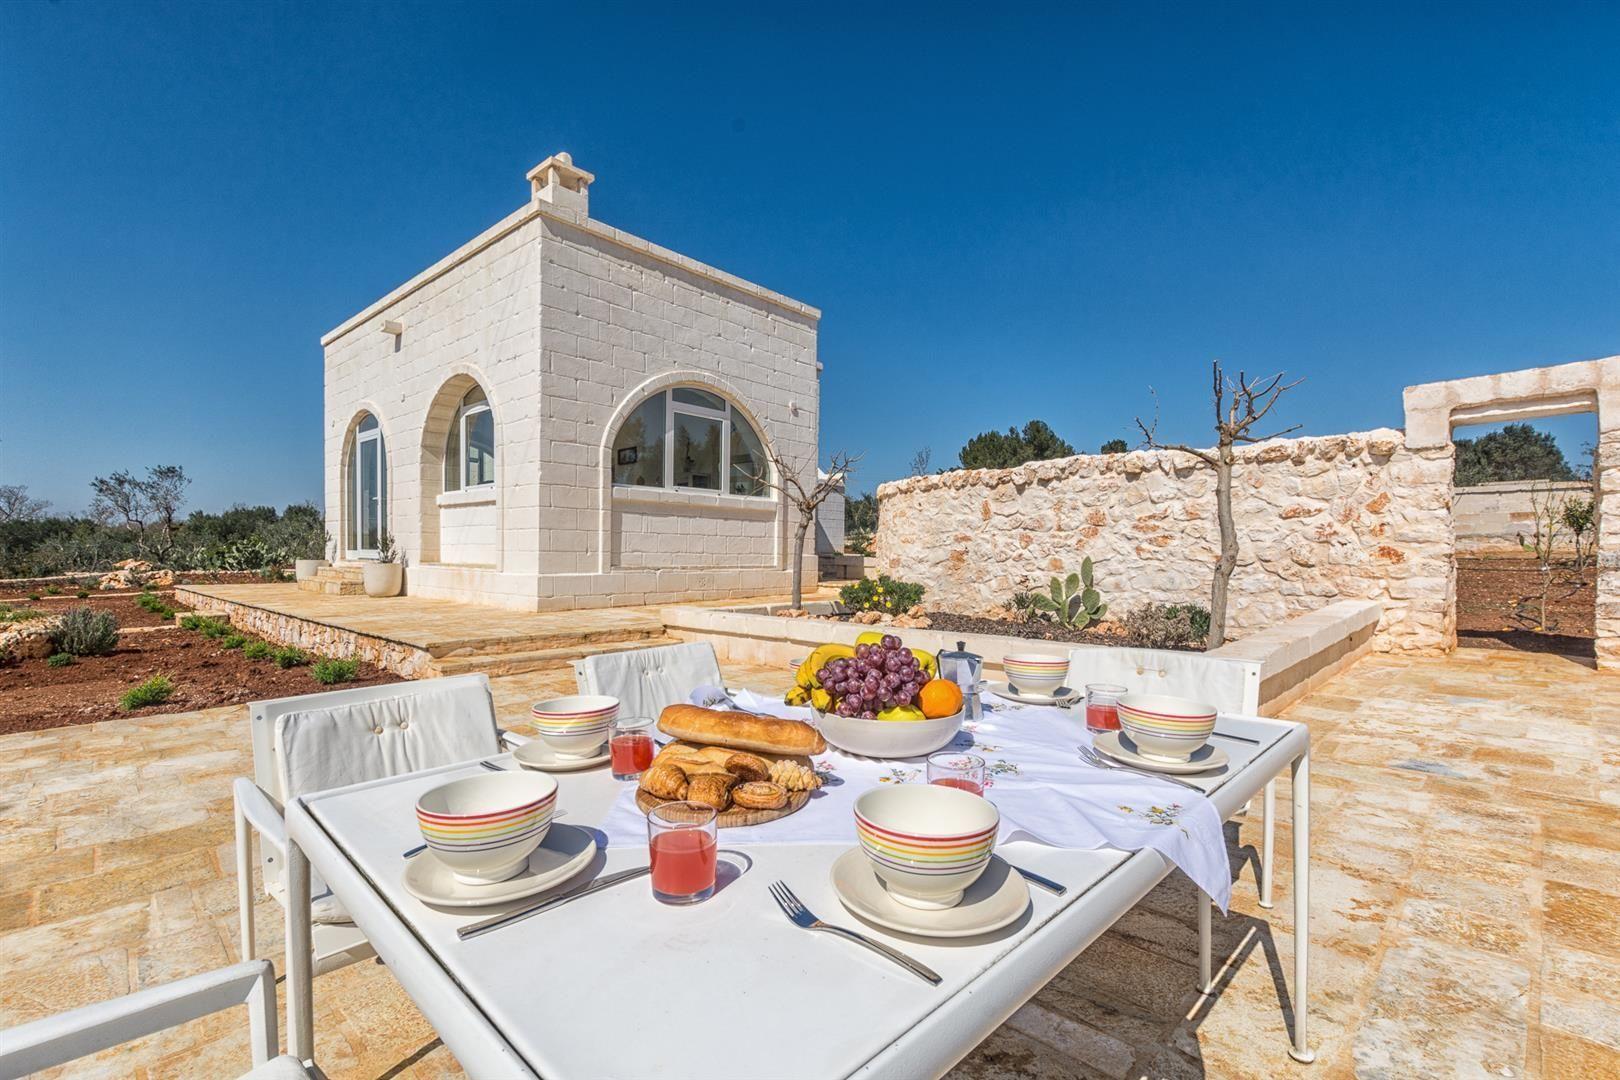 Villa Cristina Location De Vacances - Couchages 6 Dans 3 ... avec Location Maison Piscine Privée Dernière Minute